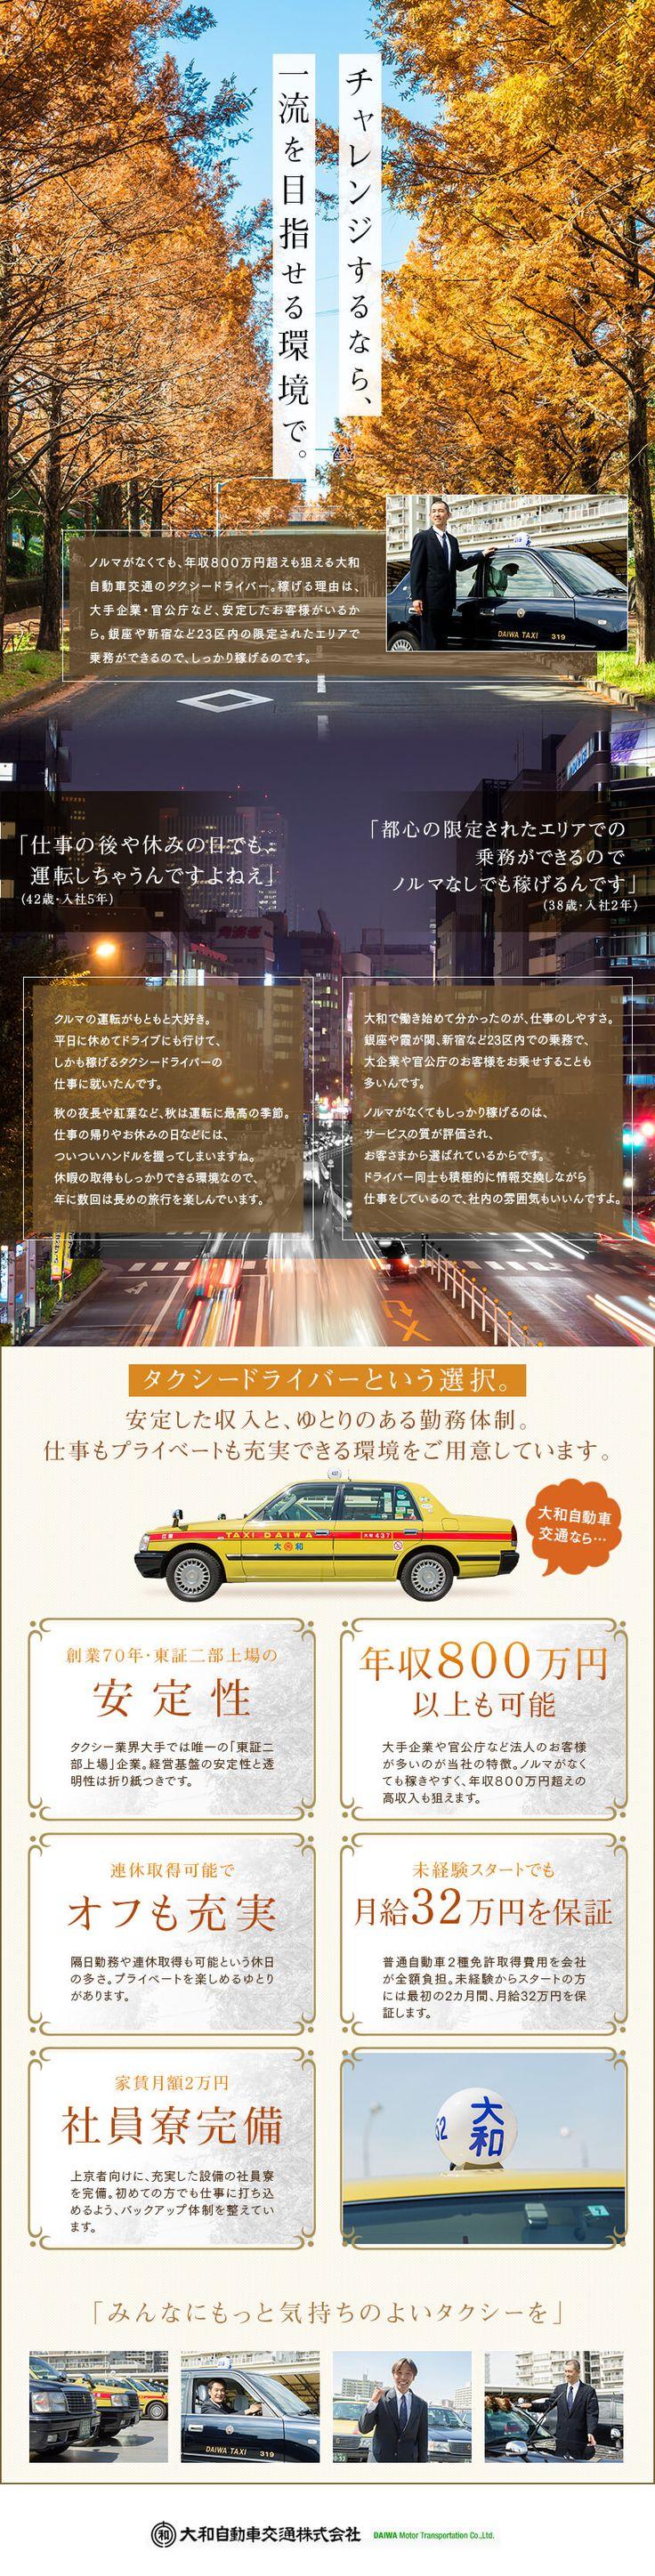 大和自動車交通株式会社【東証二部上場】/タクシー乗務員(未経験者でも業務開始2カ月目まで月給32万円保証)の求人PR - 転職ならDODA(デューダ)